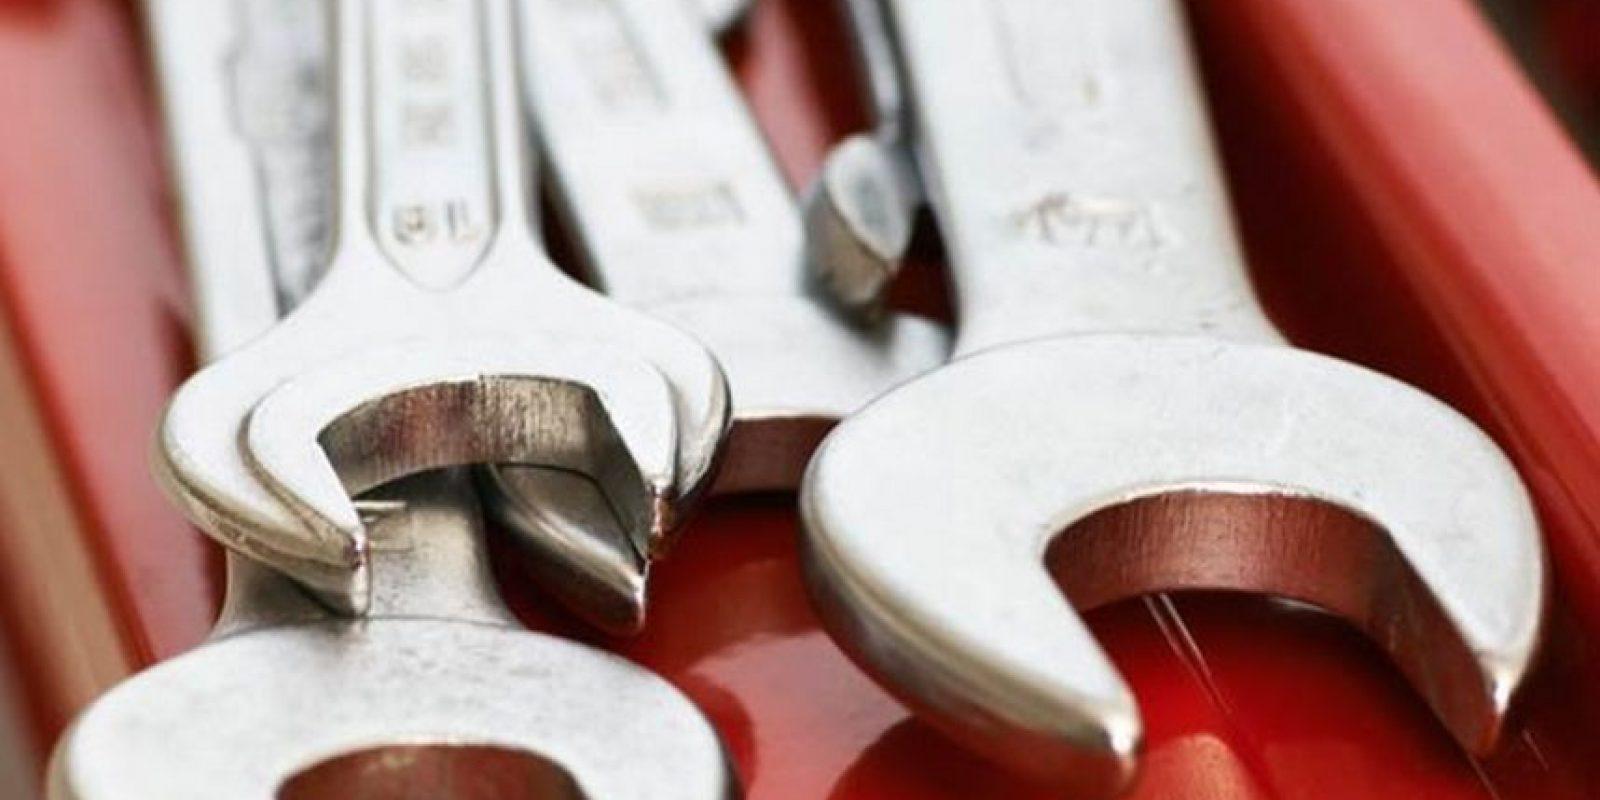 Juego de herramientas. Completamente indispensable para el papá que arregla los desperfectos del hogar. Foto:Wikicommons